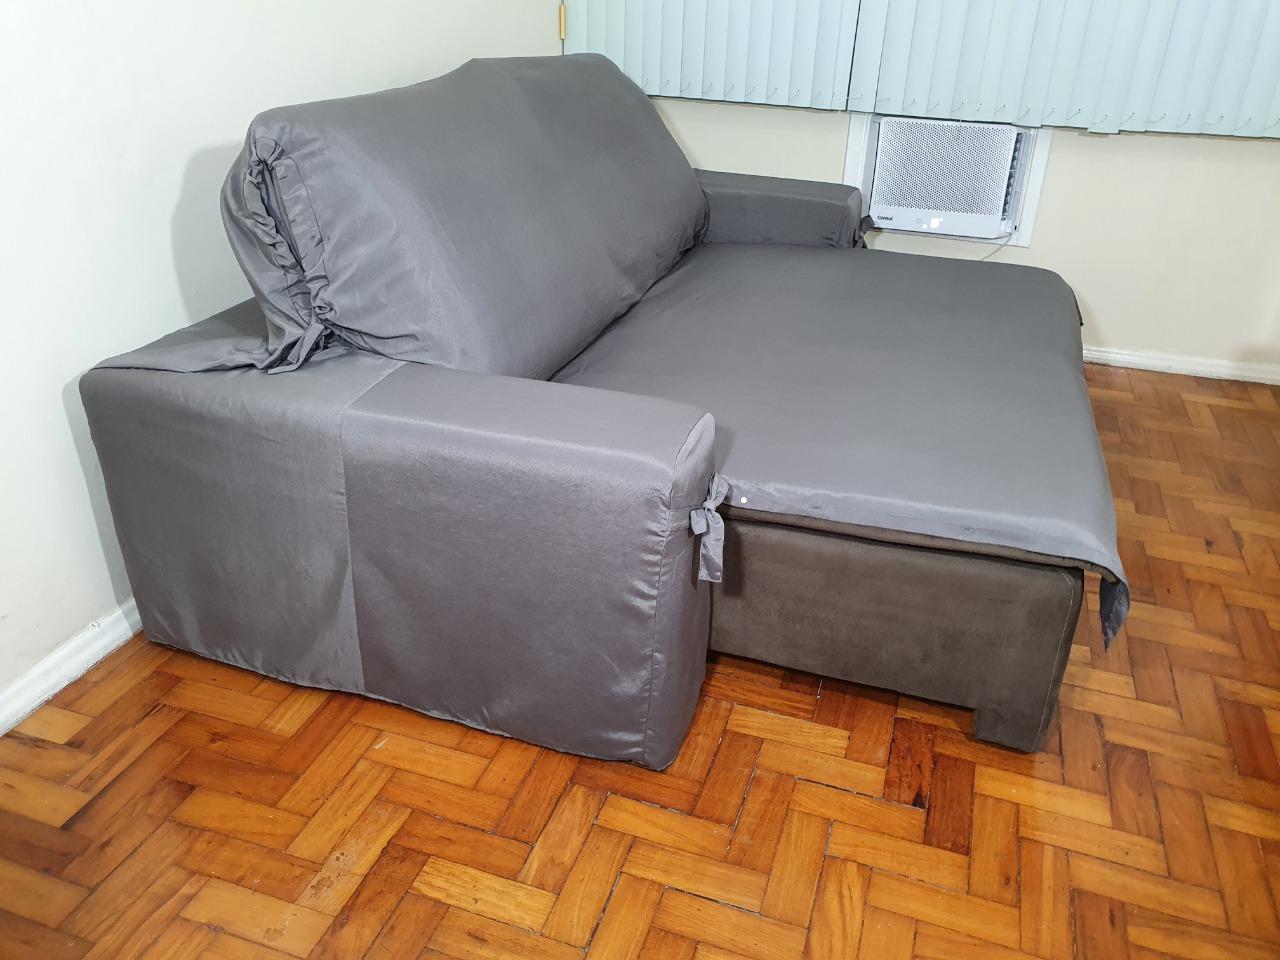 Capa p/ Sofá Retrátil e Reclinável em GORGURÃO GRAFITE - Veste Sofás de 1,96m até 2,35m